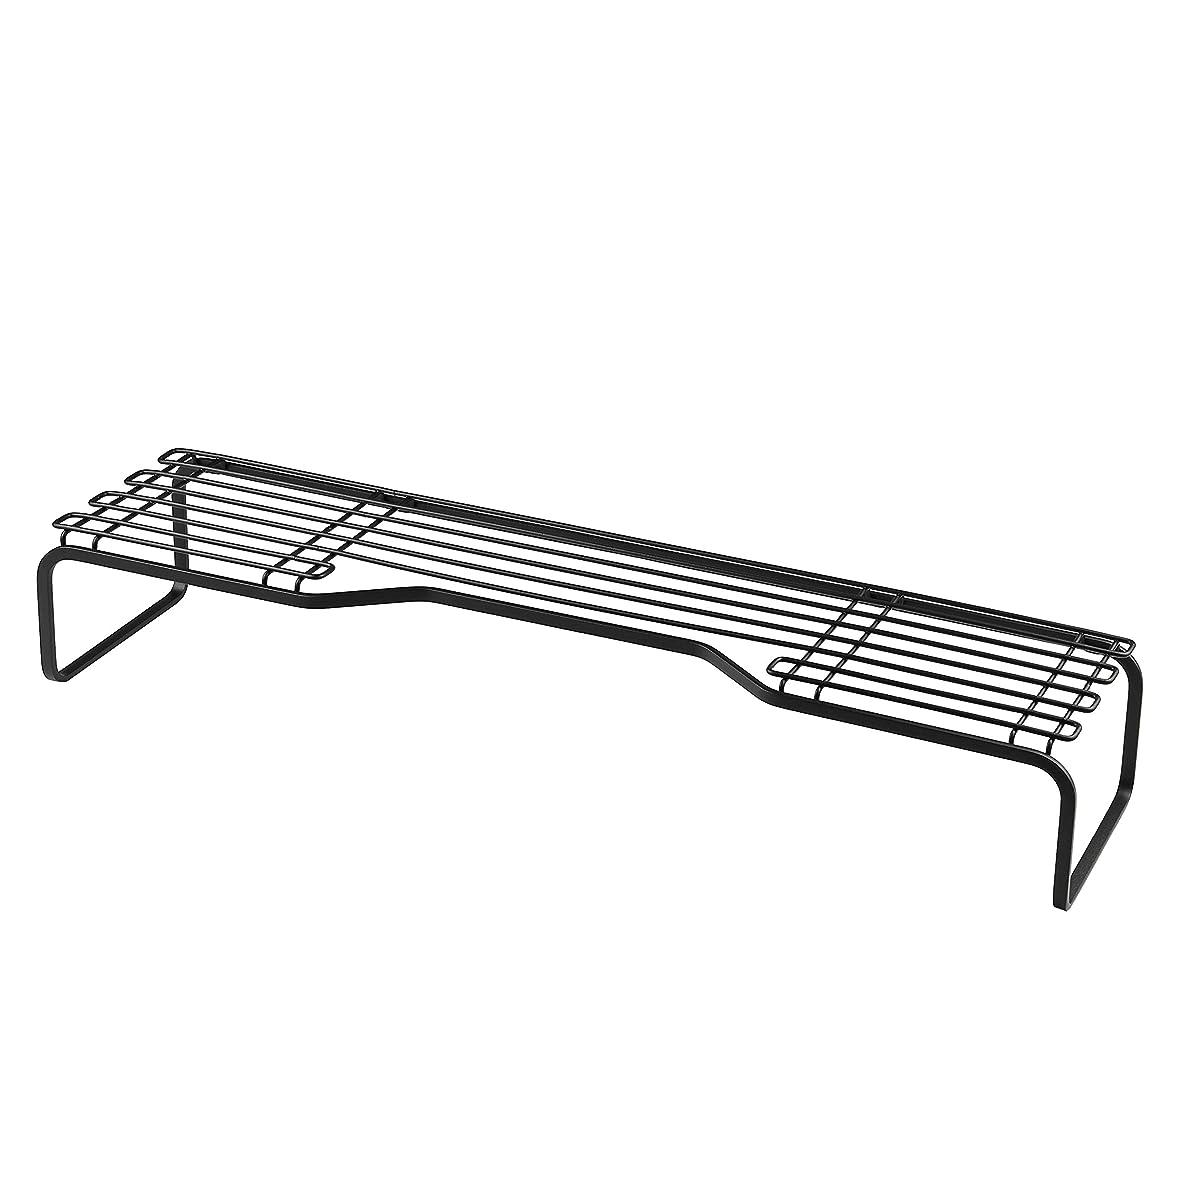 センチメートル誇張するドライパール金属 コンロ奥ラック ブラック 幅60cm 排気口上 キッチン 収納 BLKP AZ-5054